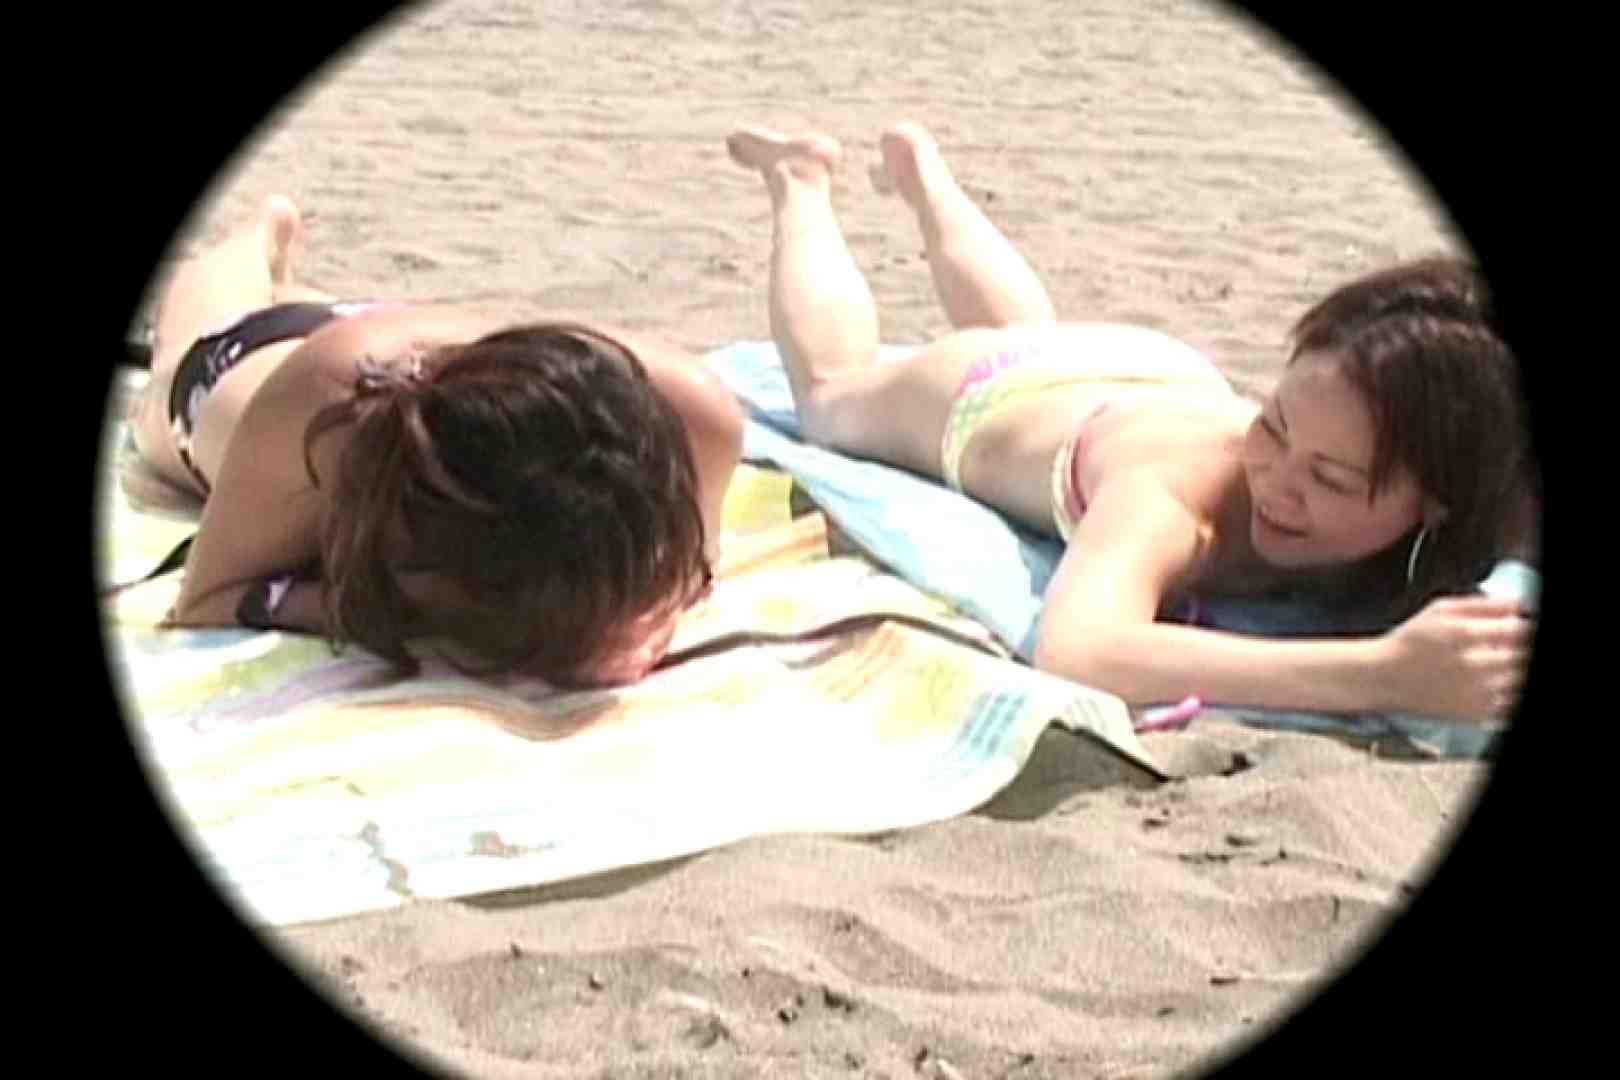 ビーチで発見!!はしゃぎ過ぎポロリギャルVol.5 日焼け 盗撮戯れ無修正画像 96pic 43